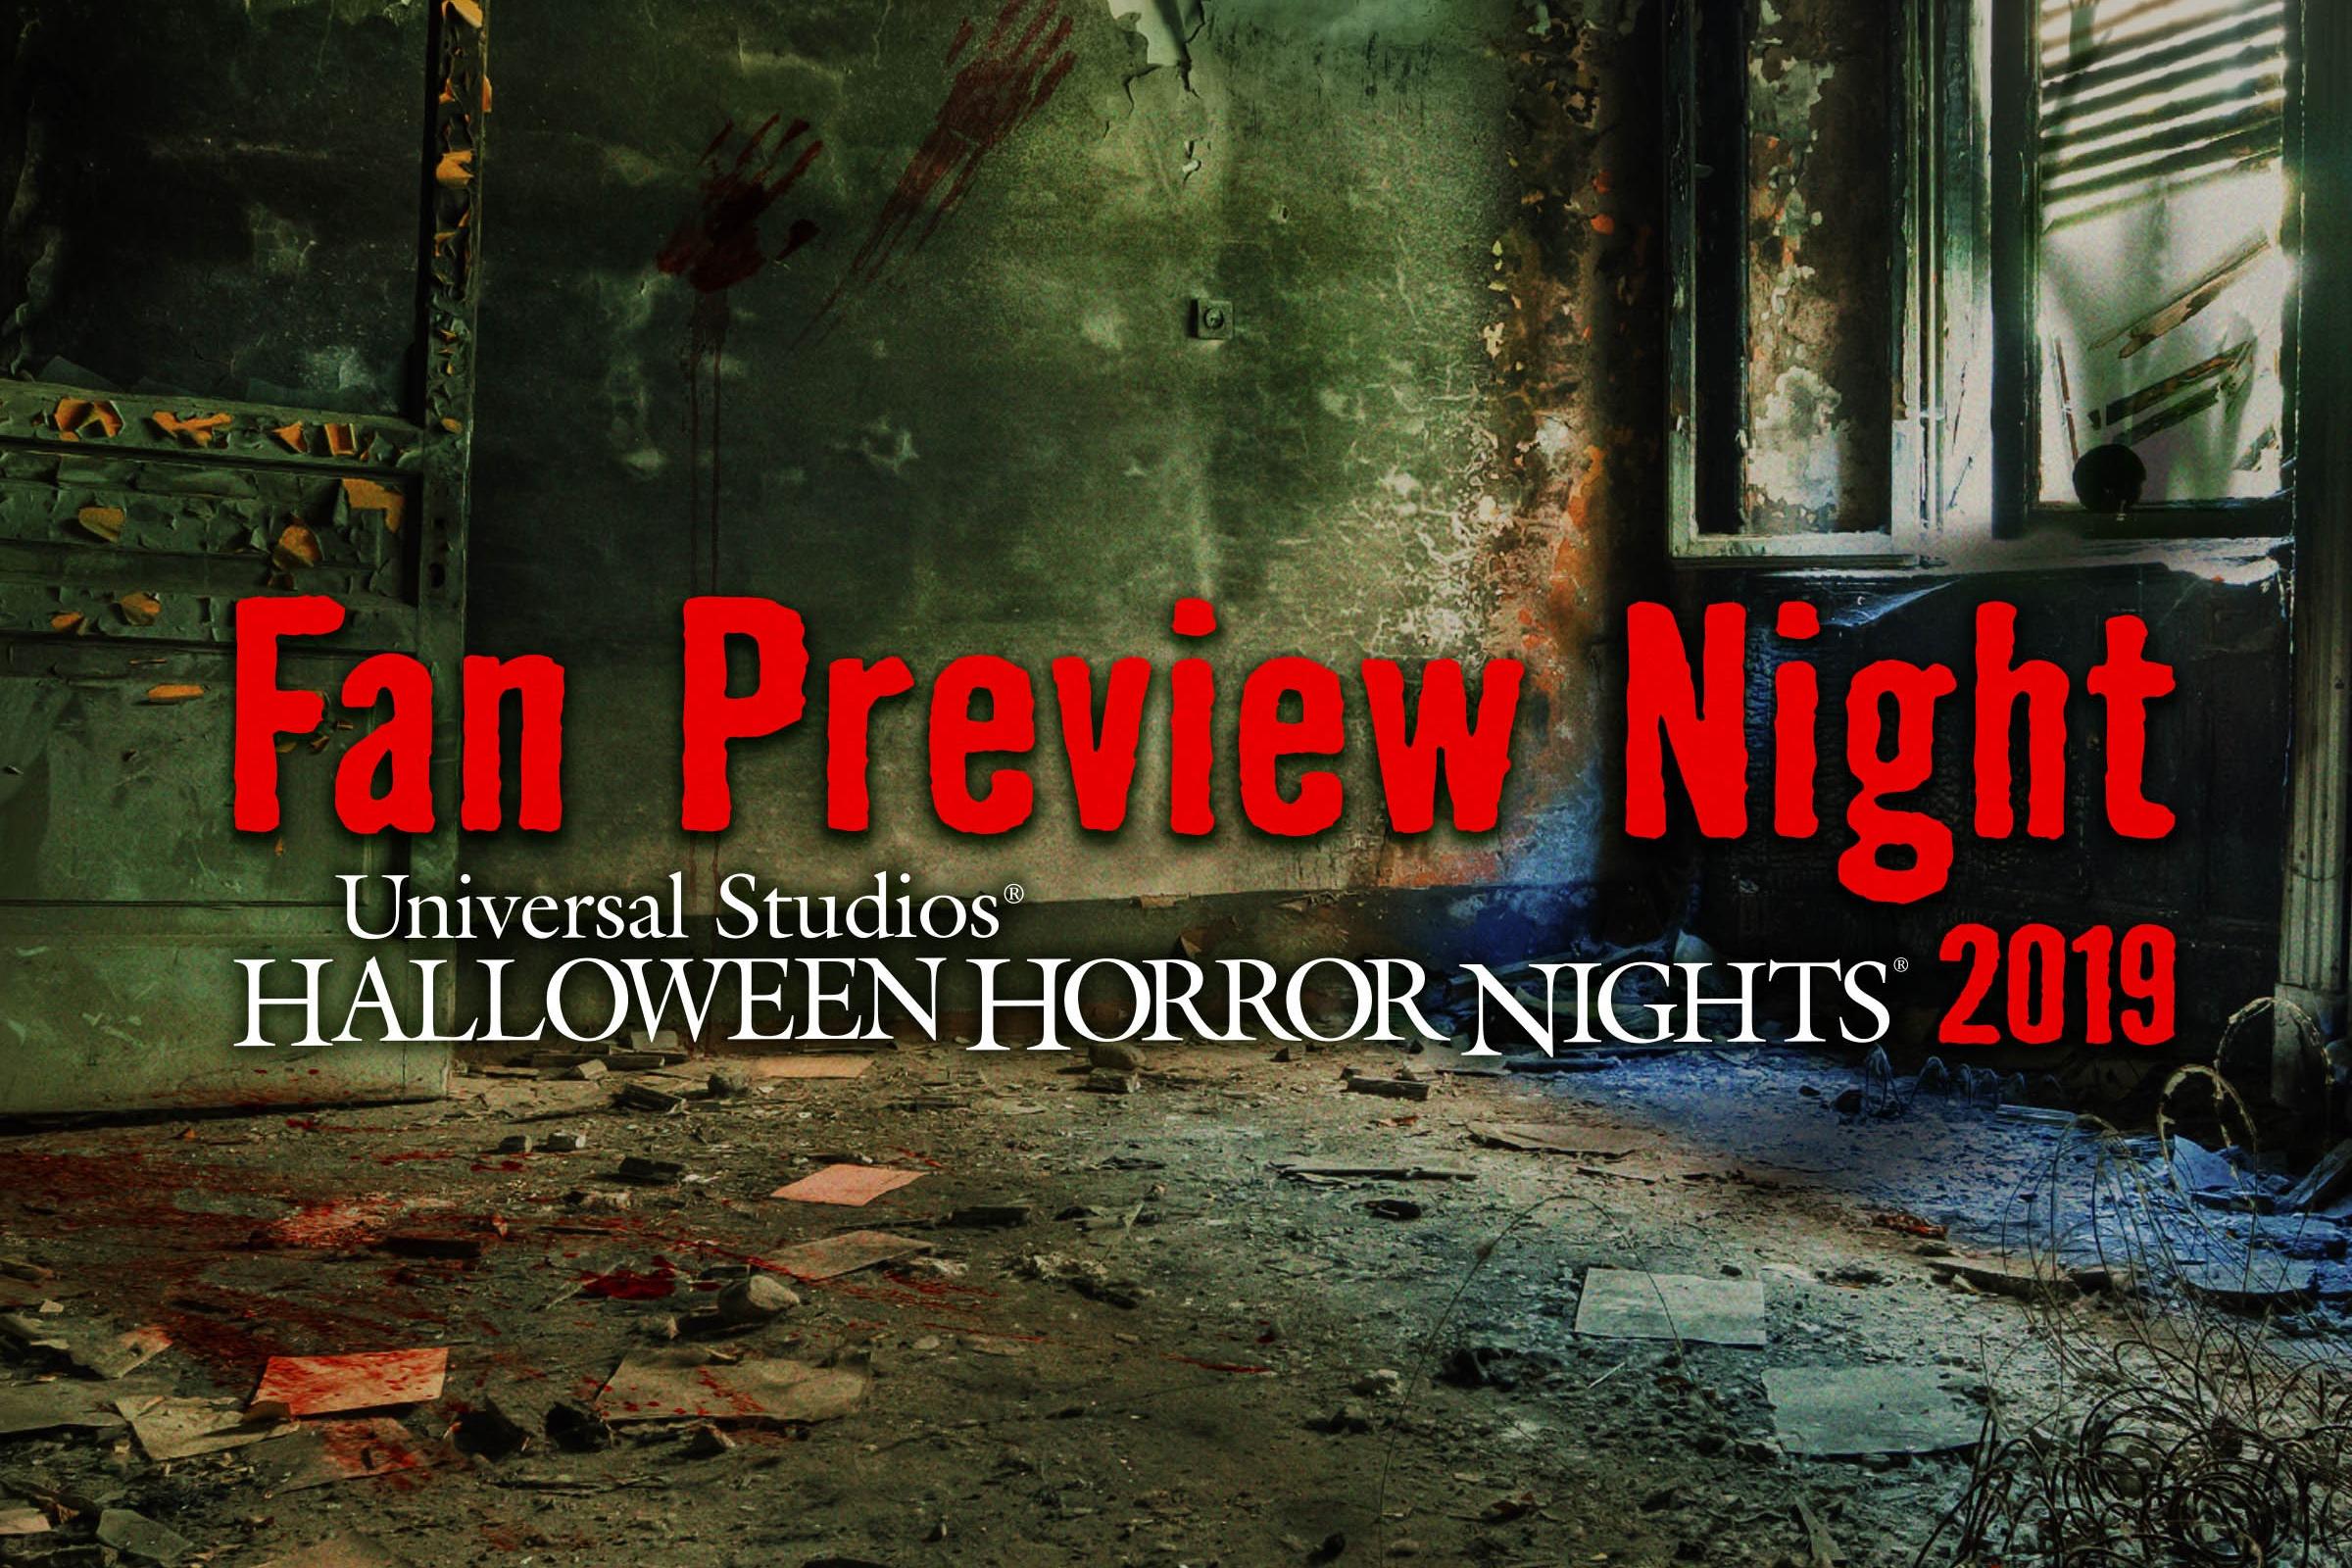 HHN Fan Preview Night Sept 12 2019 image.jpg